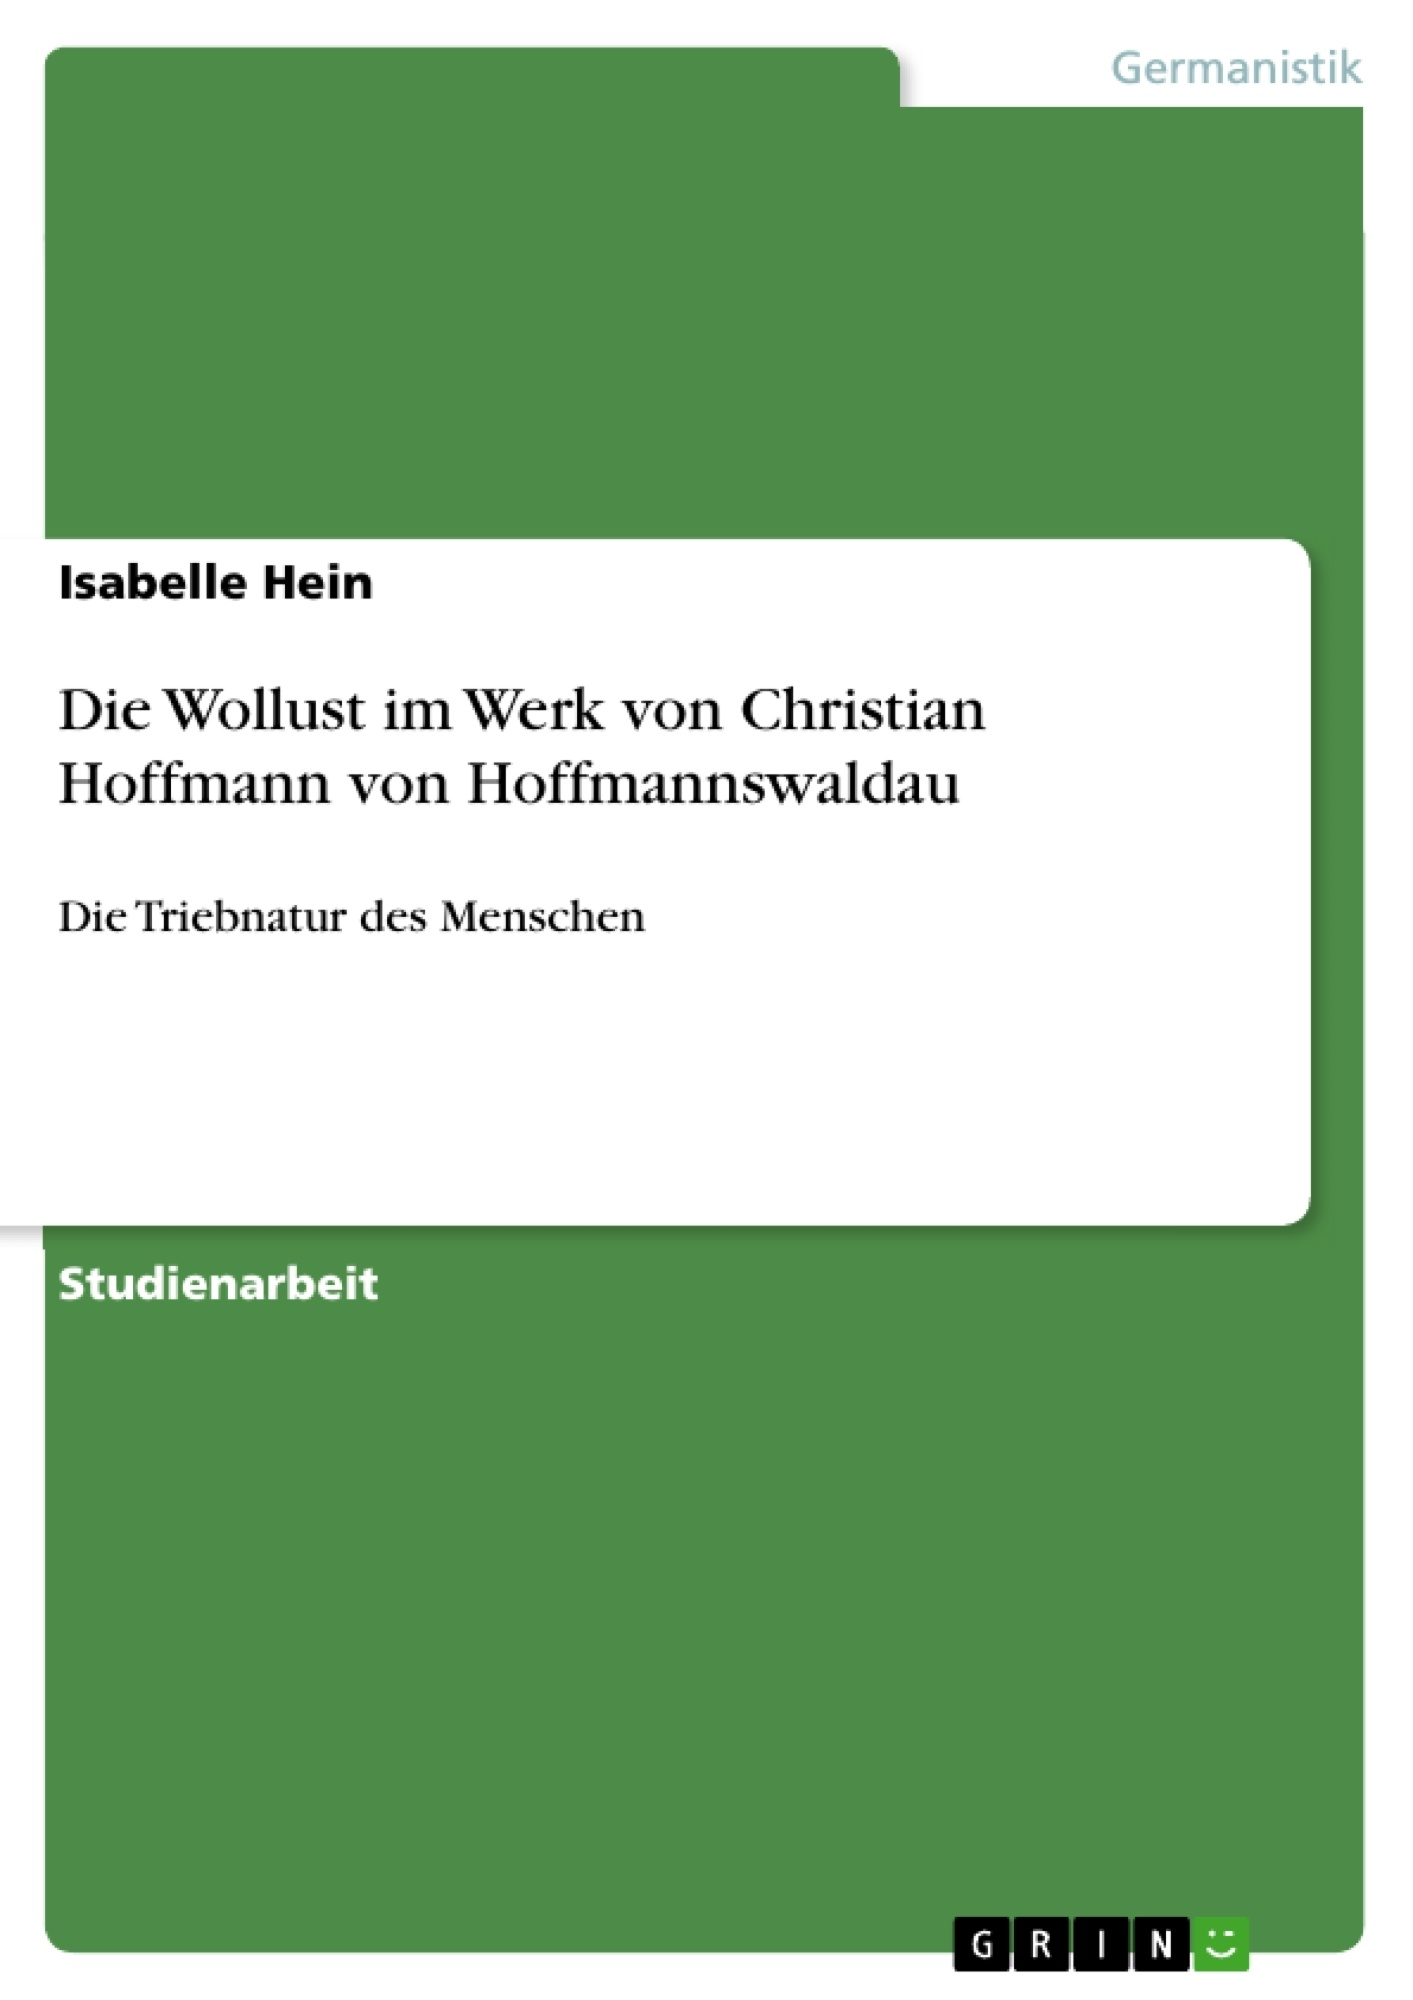 Titel: Die Wollust im Werk von Christian Hoffmann von Hoffmannswaldau